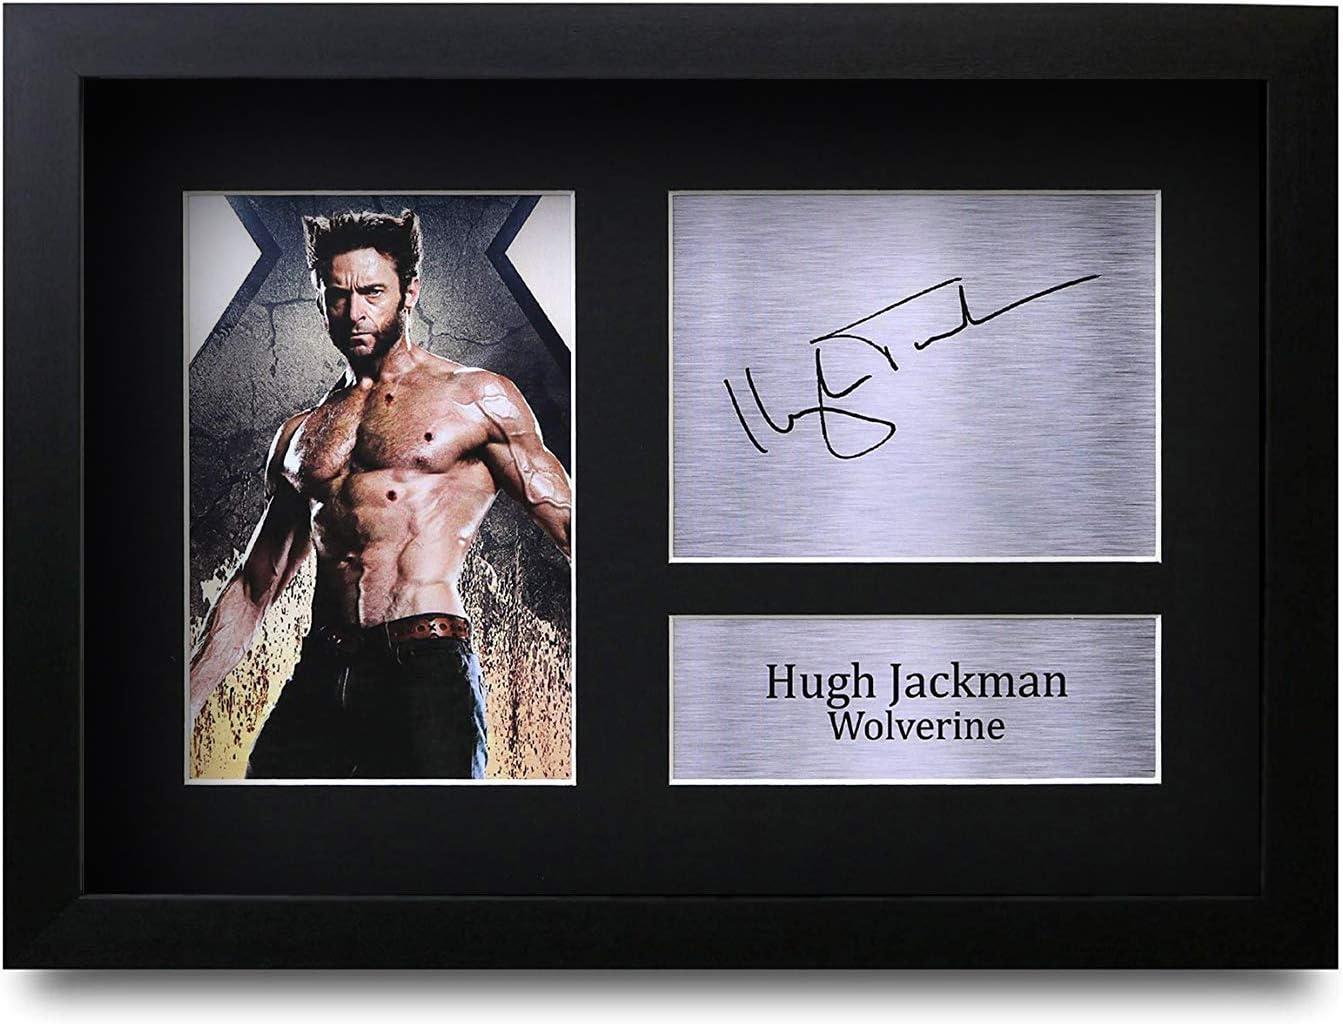 HWC Trading Hugh Jackman GERAHMTES Geschenke Unterzeichneten A4 Gedrucktes Autogramm X-Men Wolverine Druck-Foto-Bilderanzeige